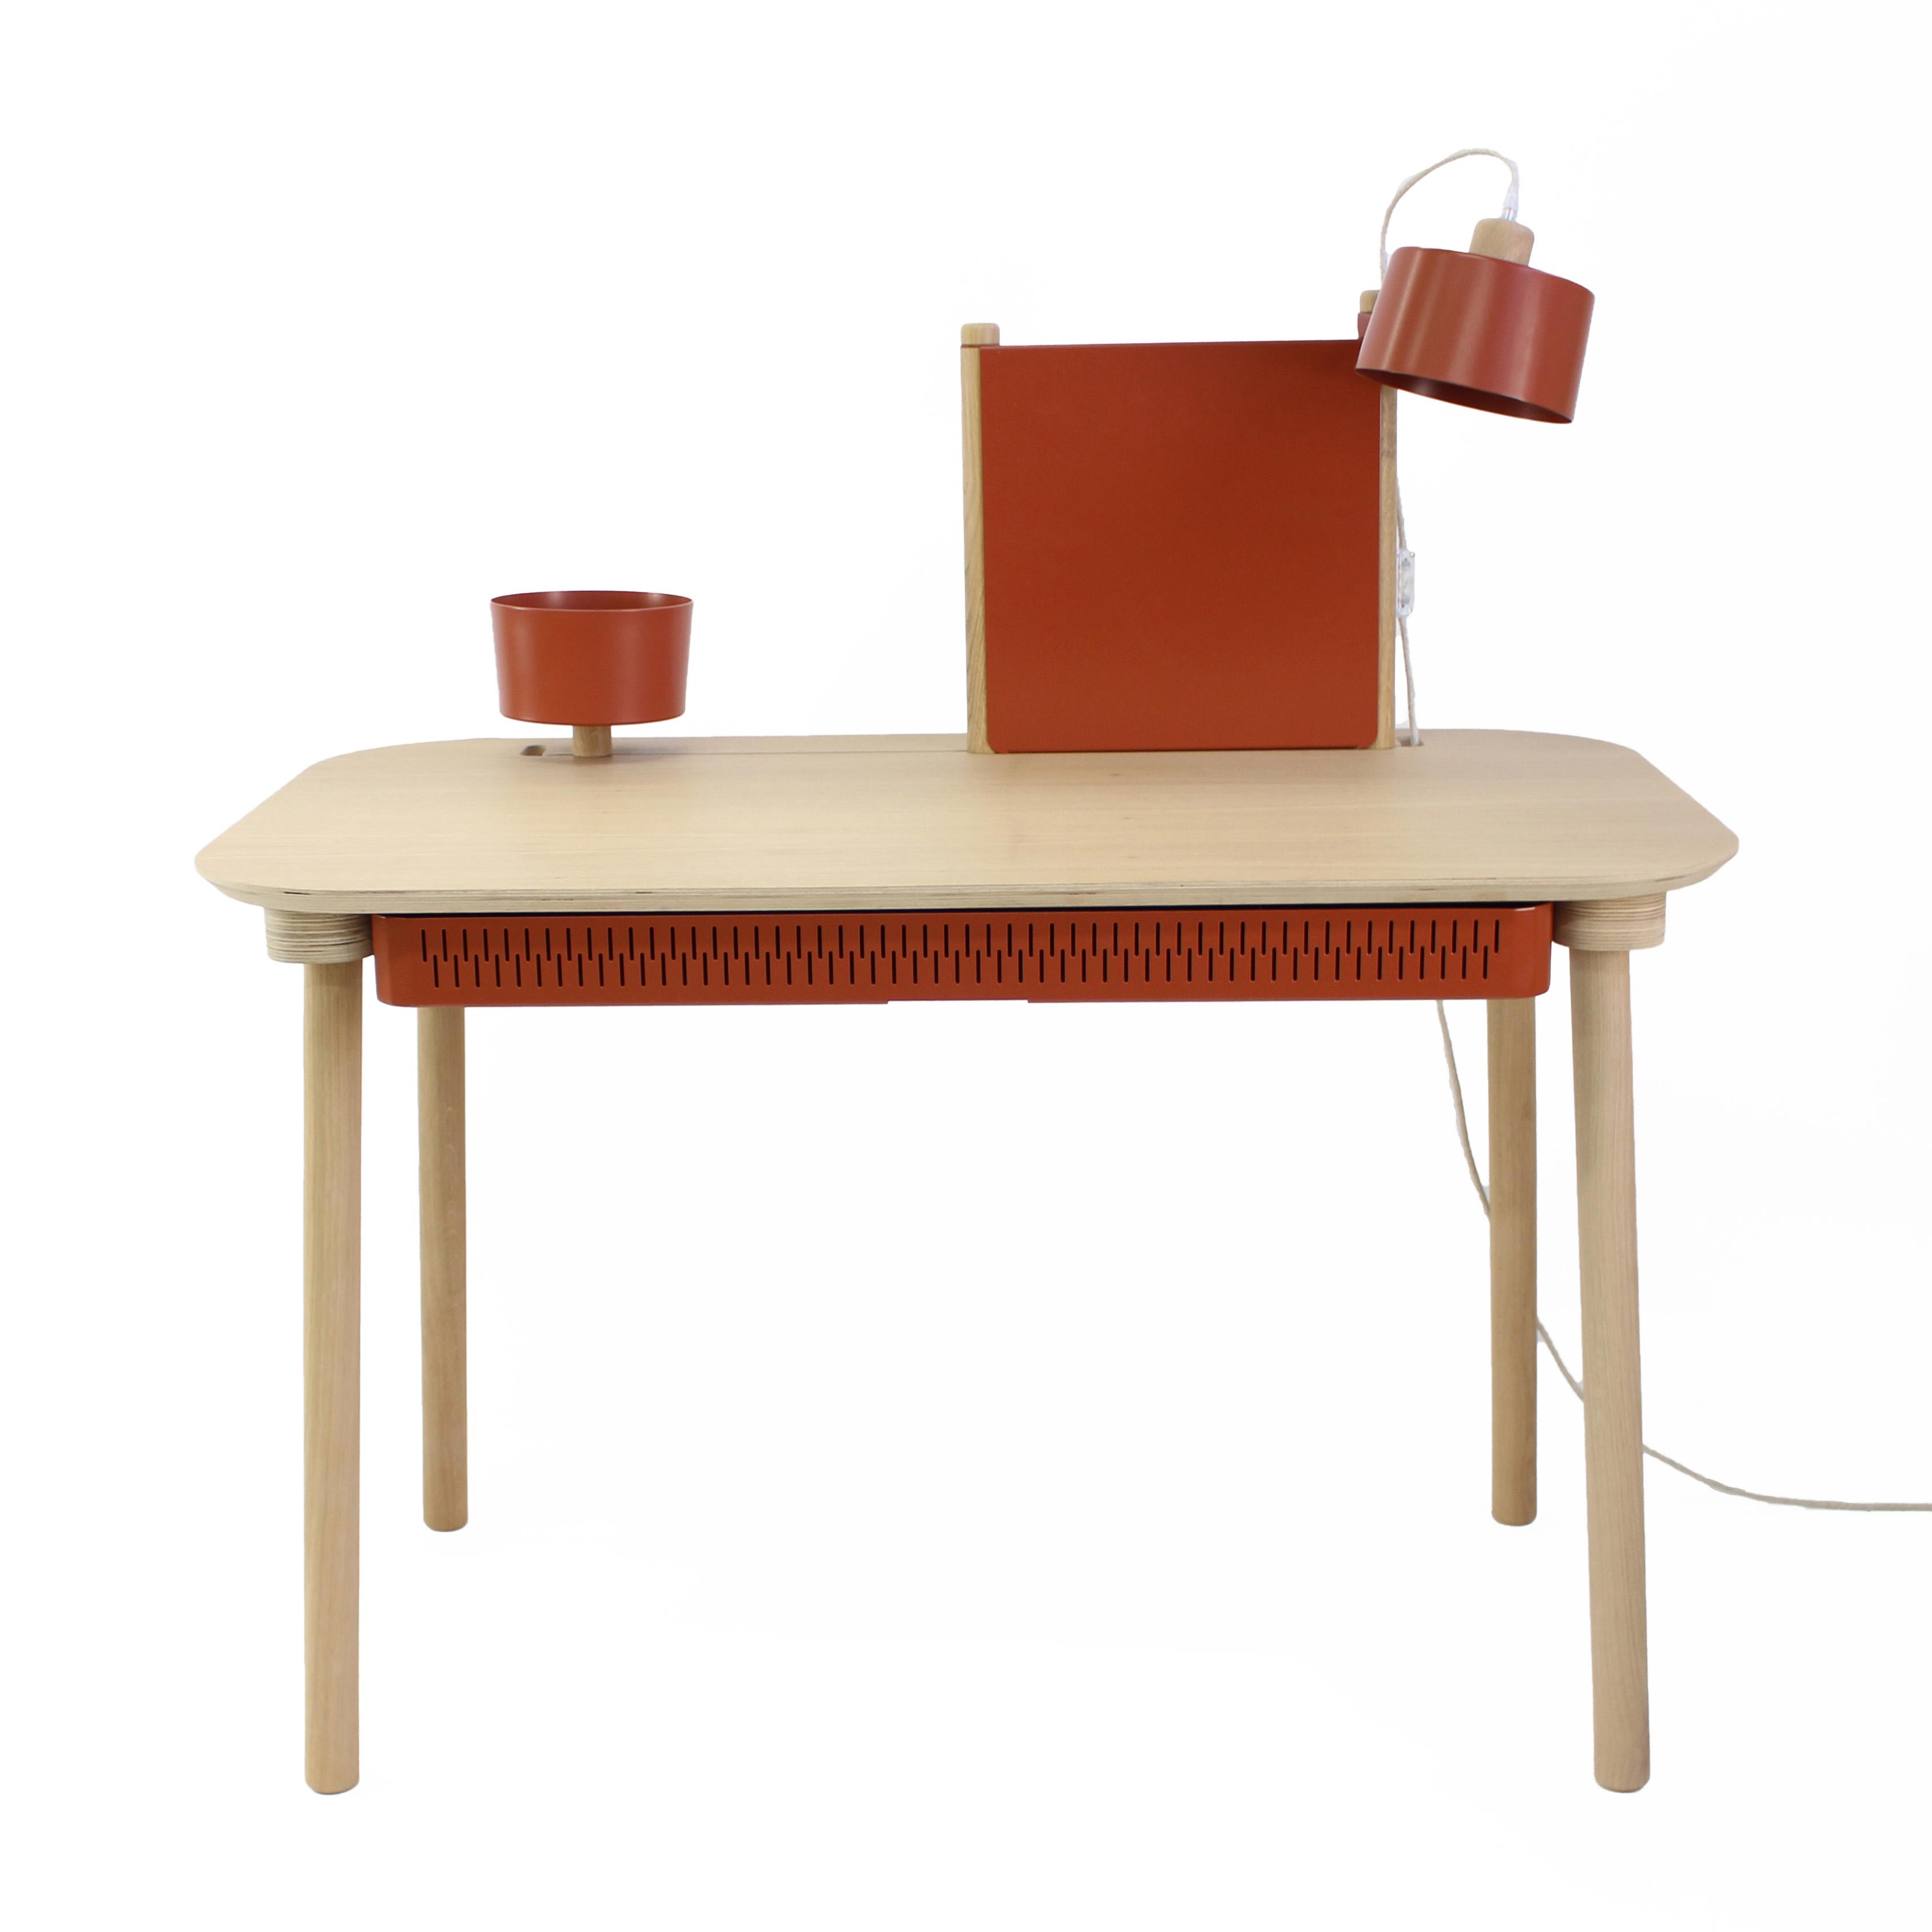 Bureau chêne avec tiroir, bol, lampe et séparateur terracotta